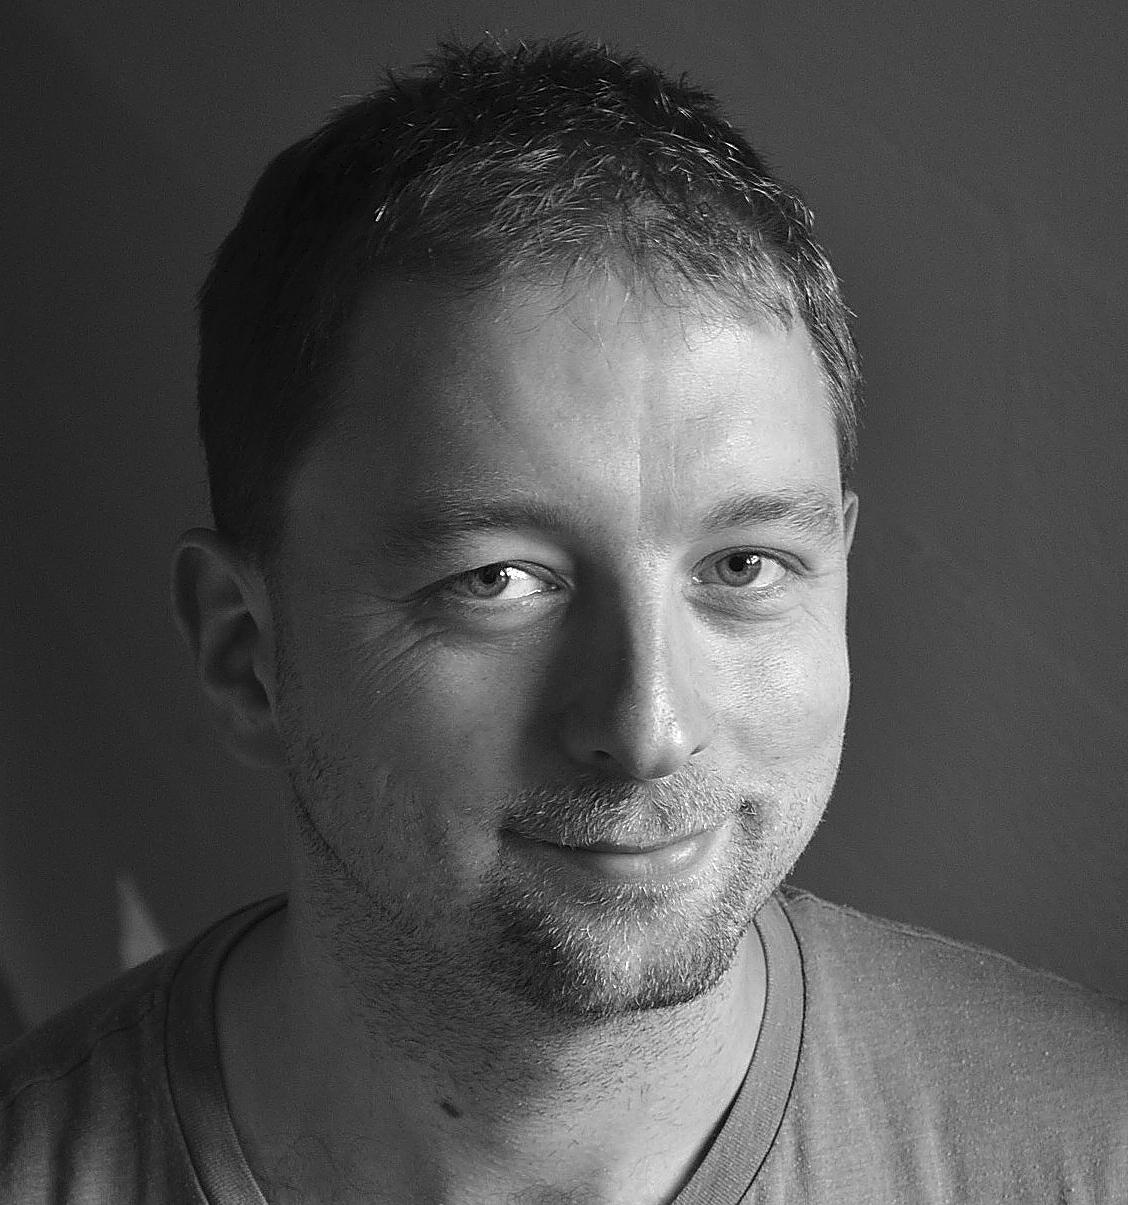 Libor - RNDr. Ing. Libor Kukačka, Ph.D.Krajinný inženýrSamostatný projektantProjektová dokumentace od konceptu po prováděcí dokumentaci, vizualizace návrhů, specialista IT a GIS, technická a stavební řešení, koordinace zakázek